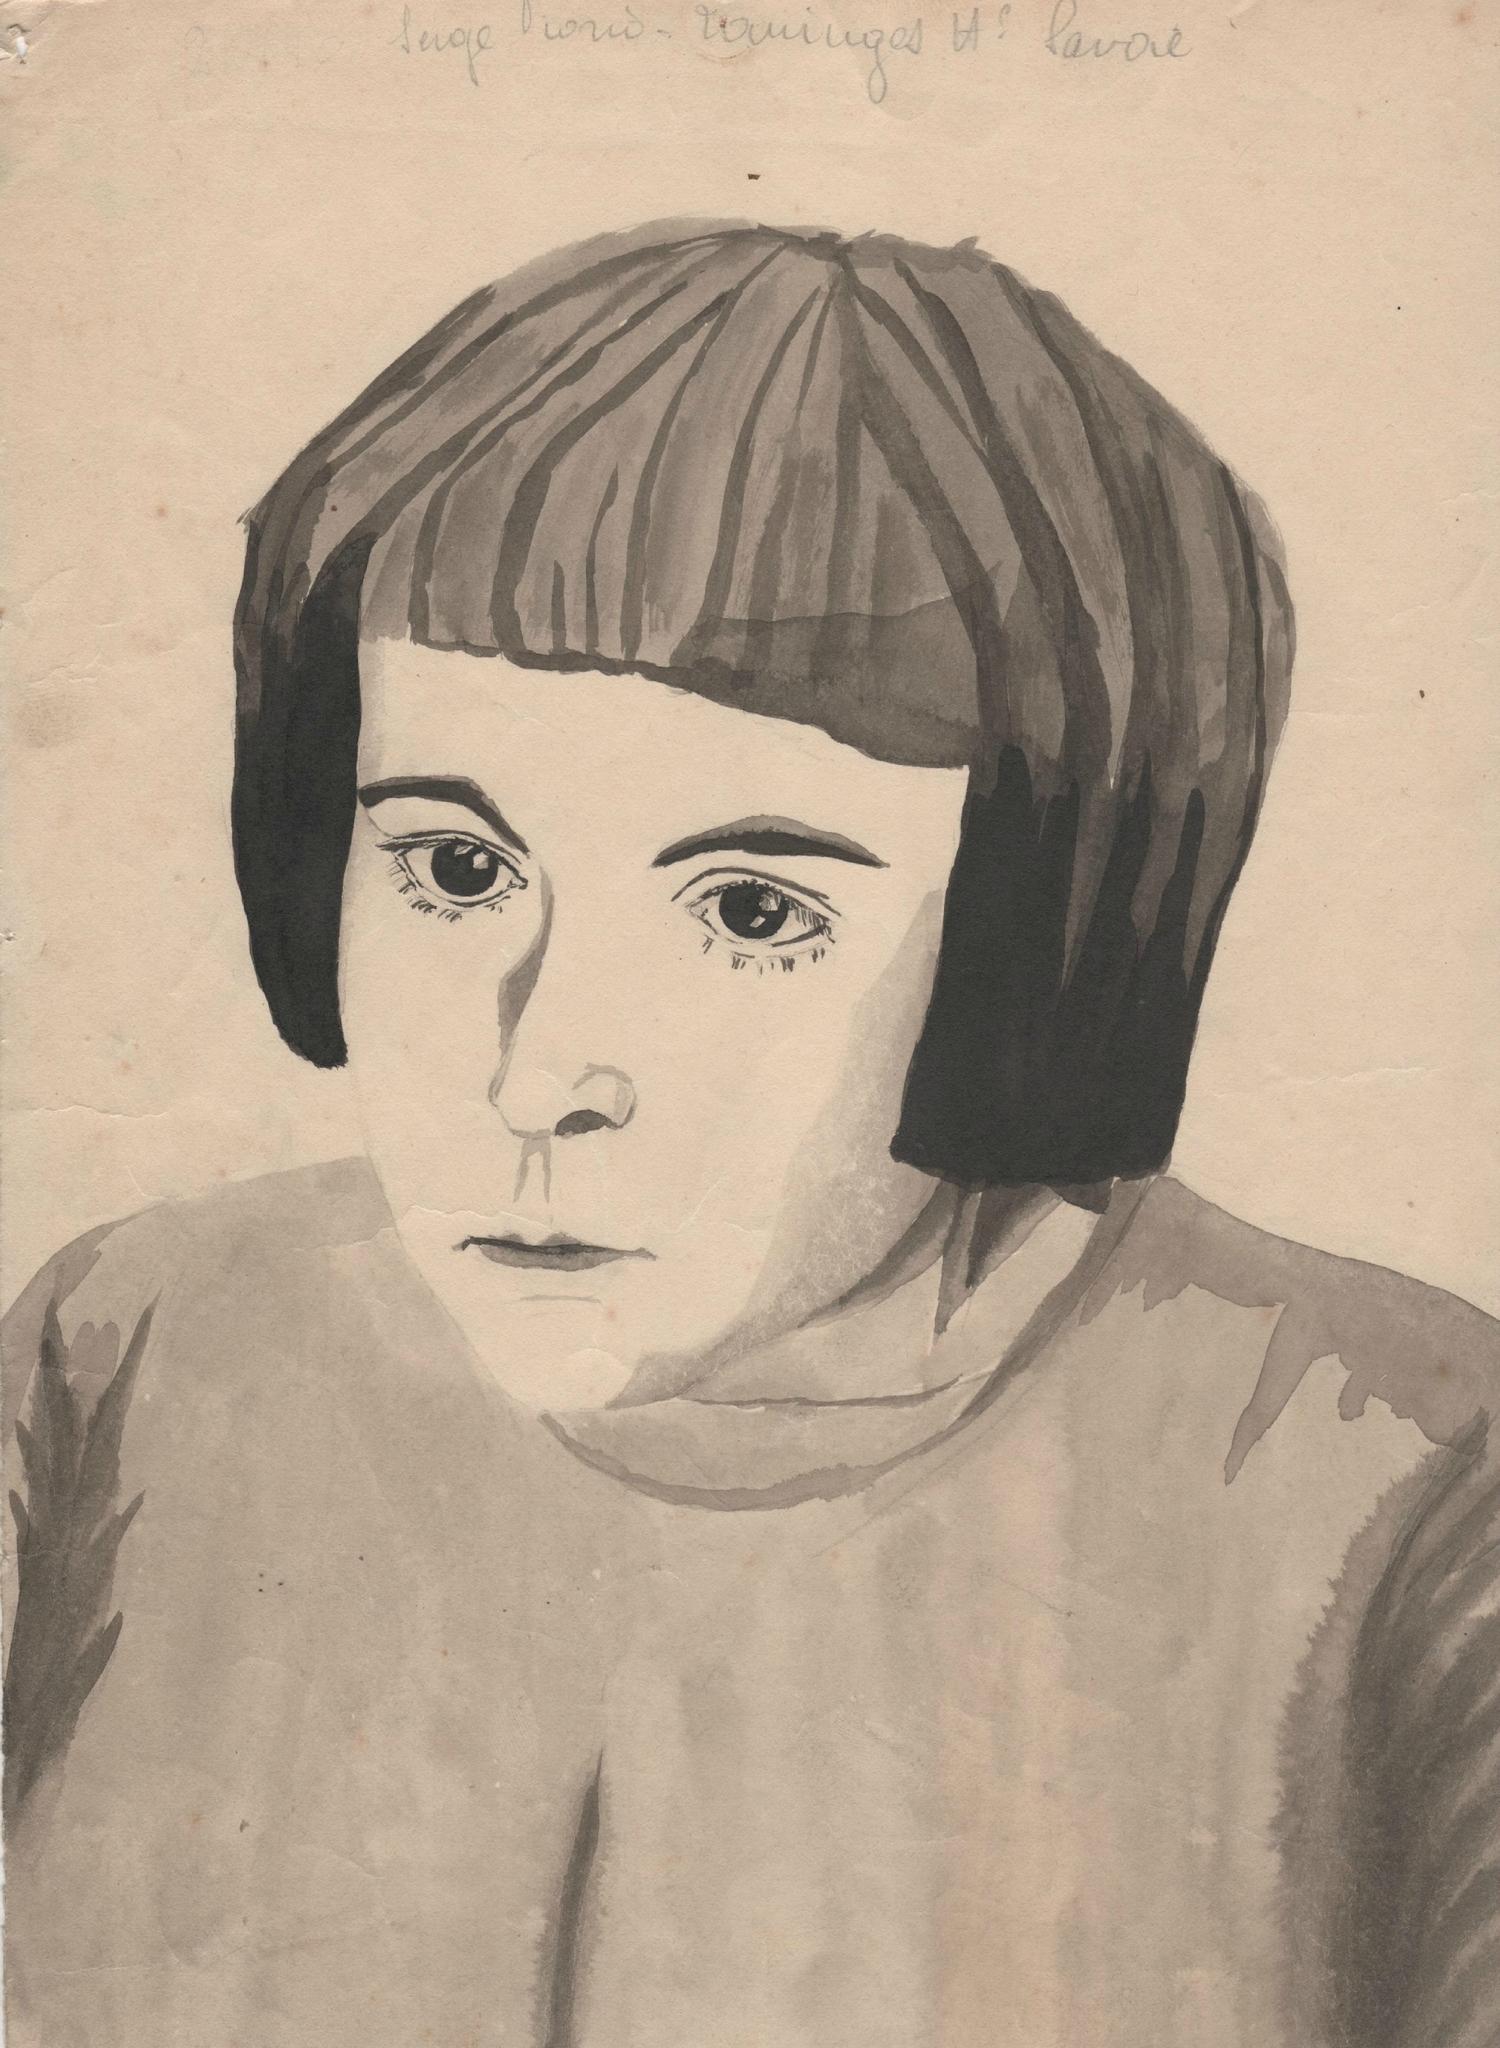 Portrait d'Aline Giono enfant au lavis d'encre noire.